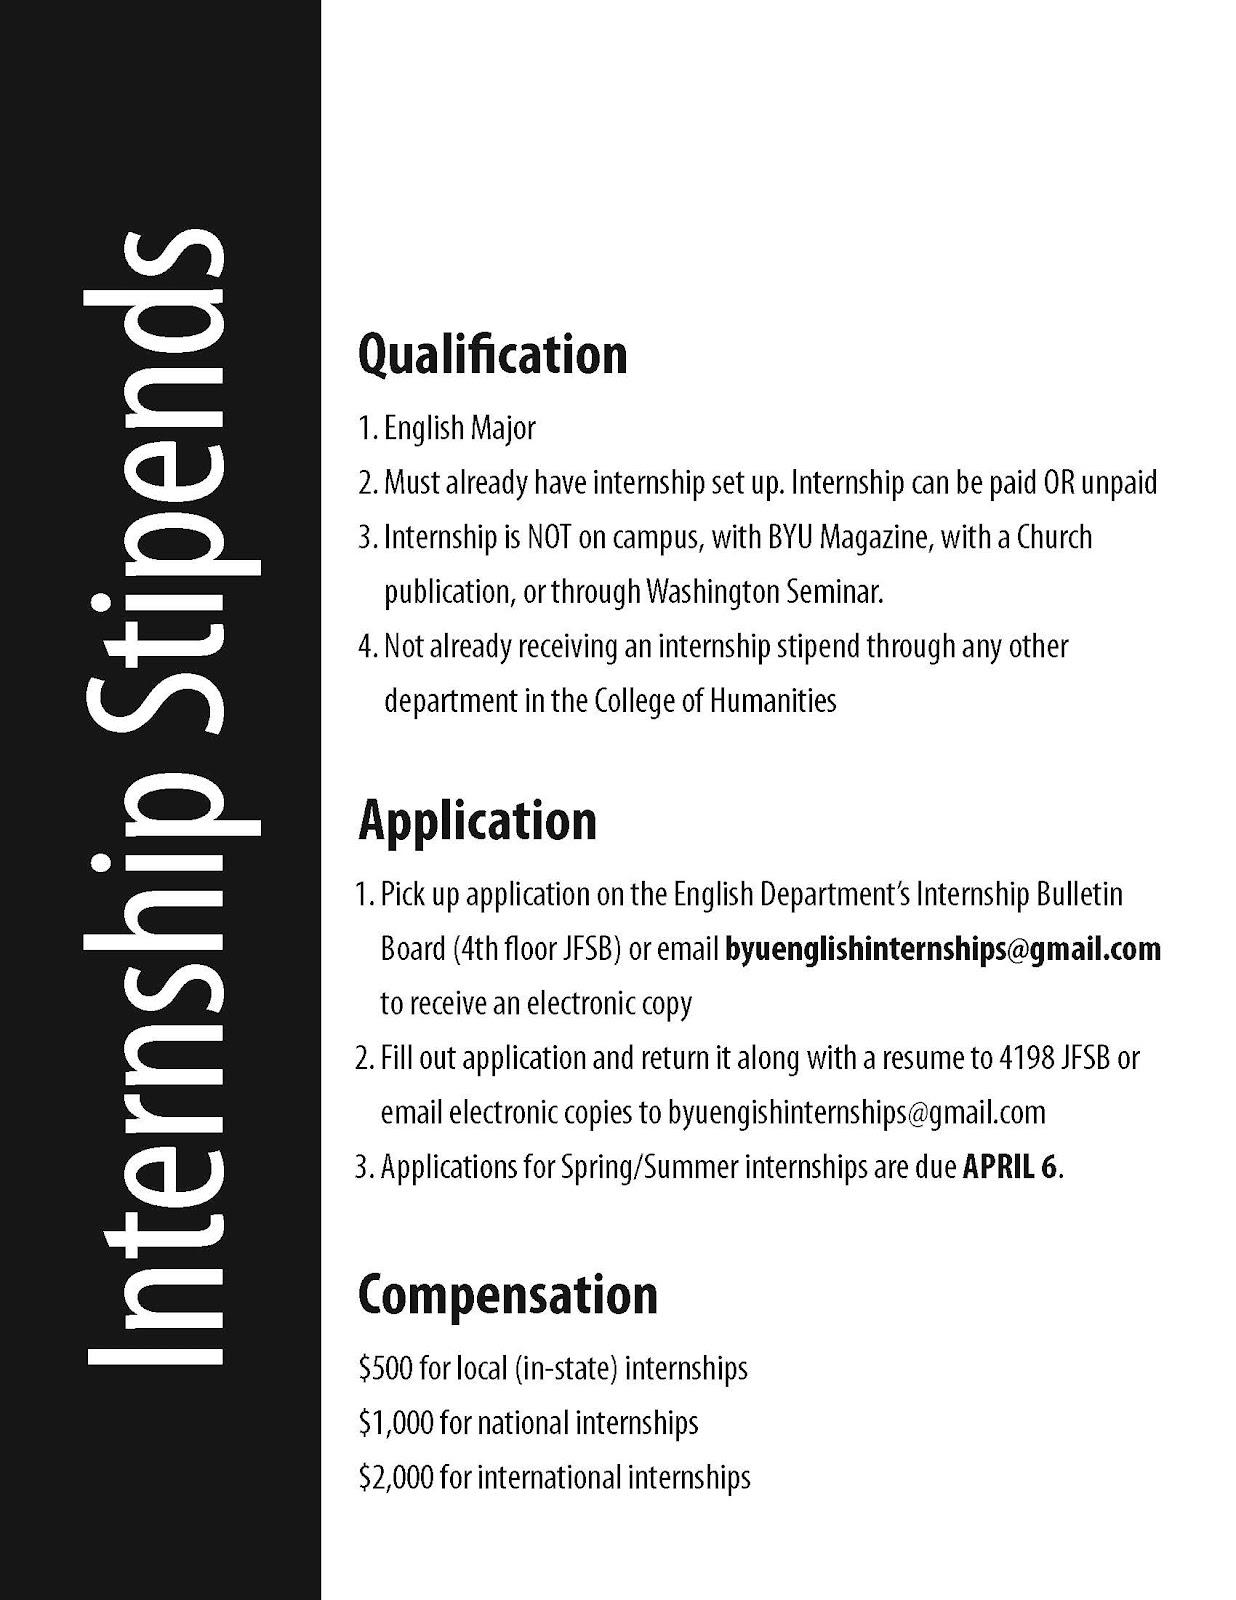 Cover Letter Internship Wealth Management – Wealth Management Cover Letter